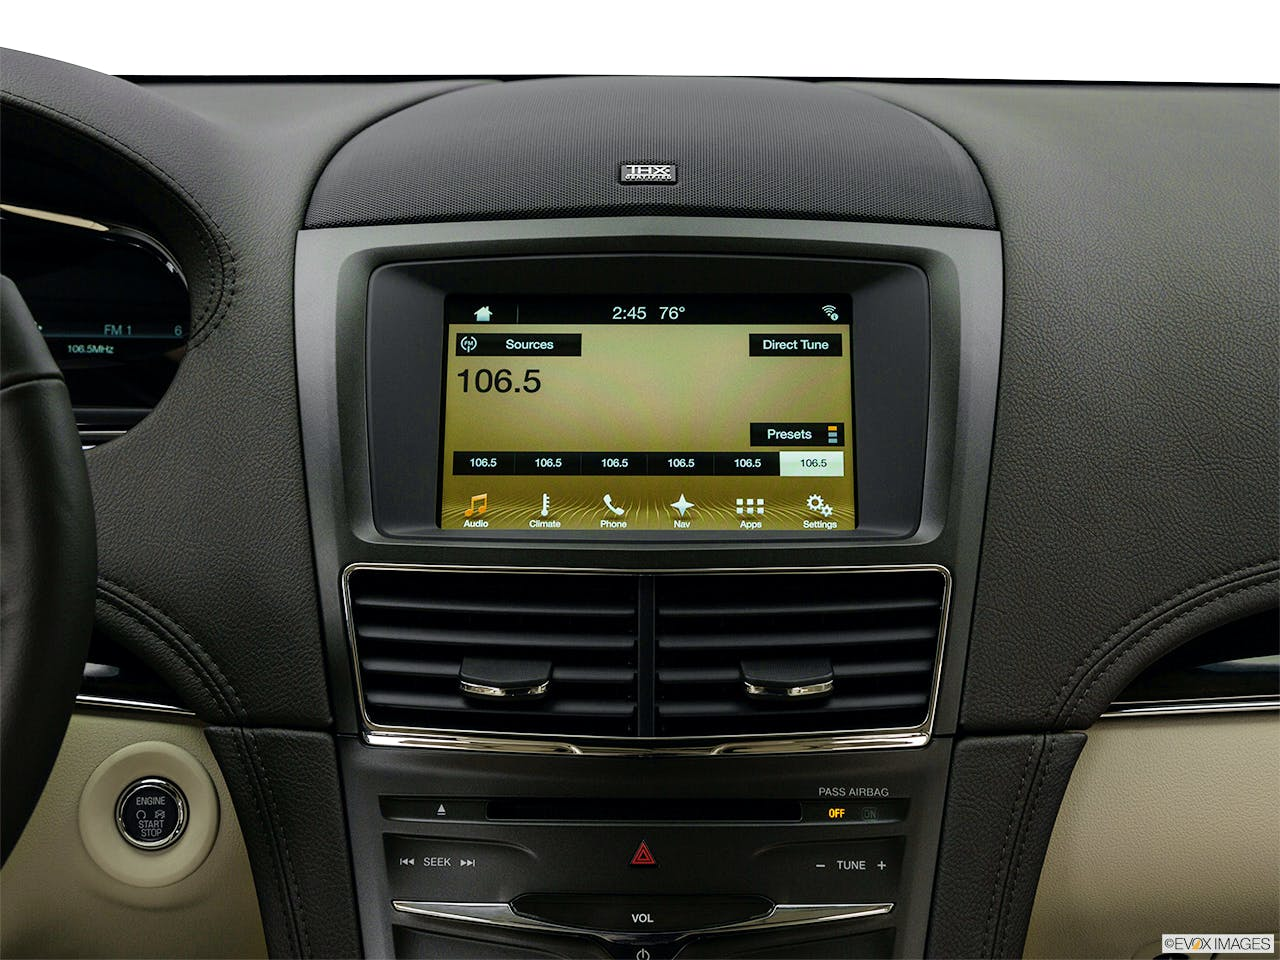 2019 Lincoln MKT Standard | DMR-42057 | Deliver My Ride